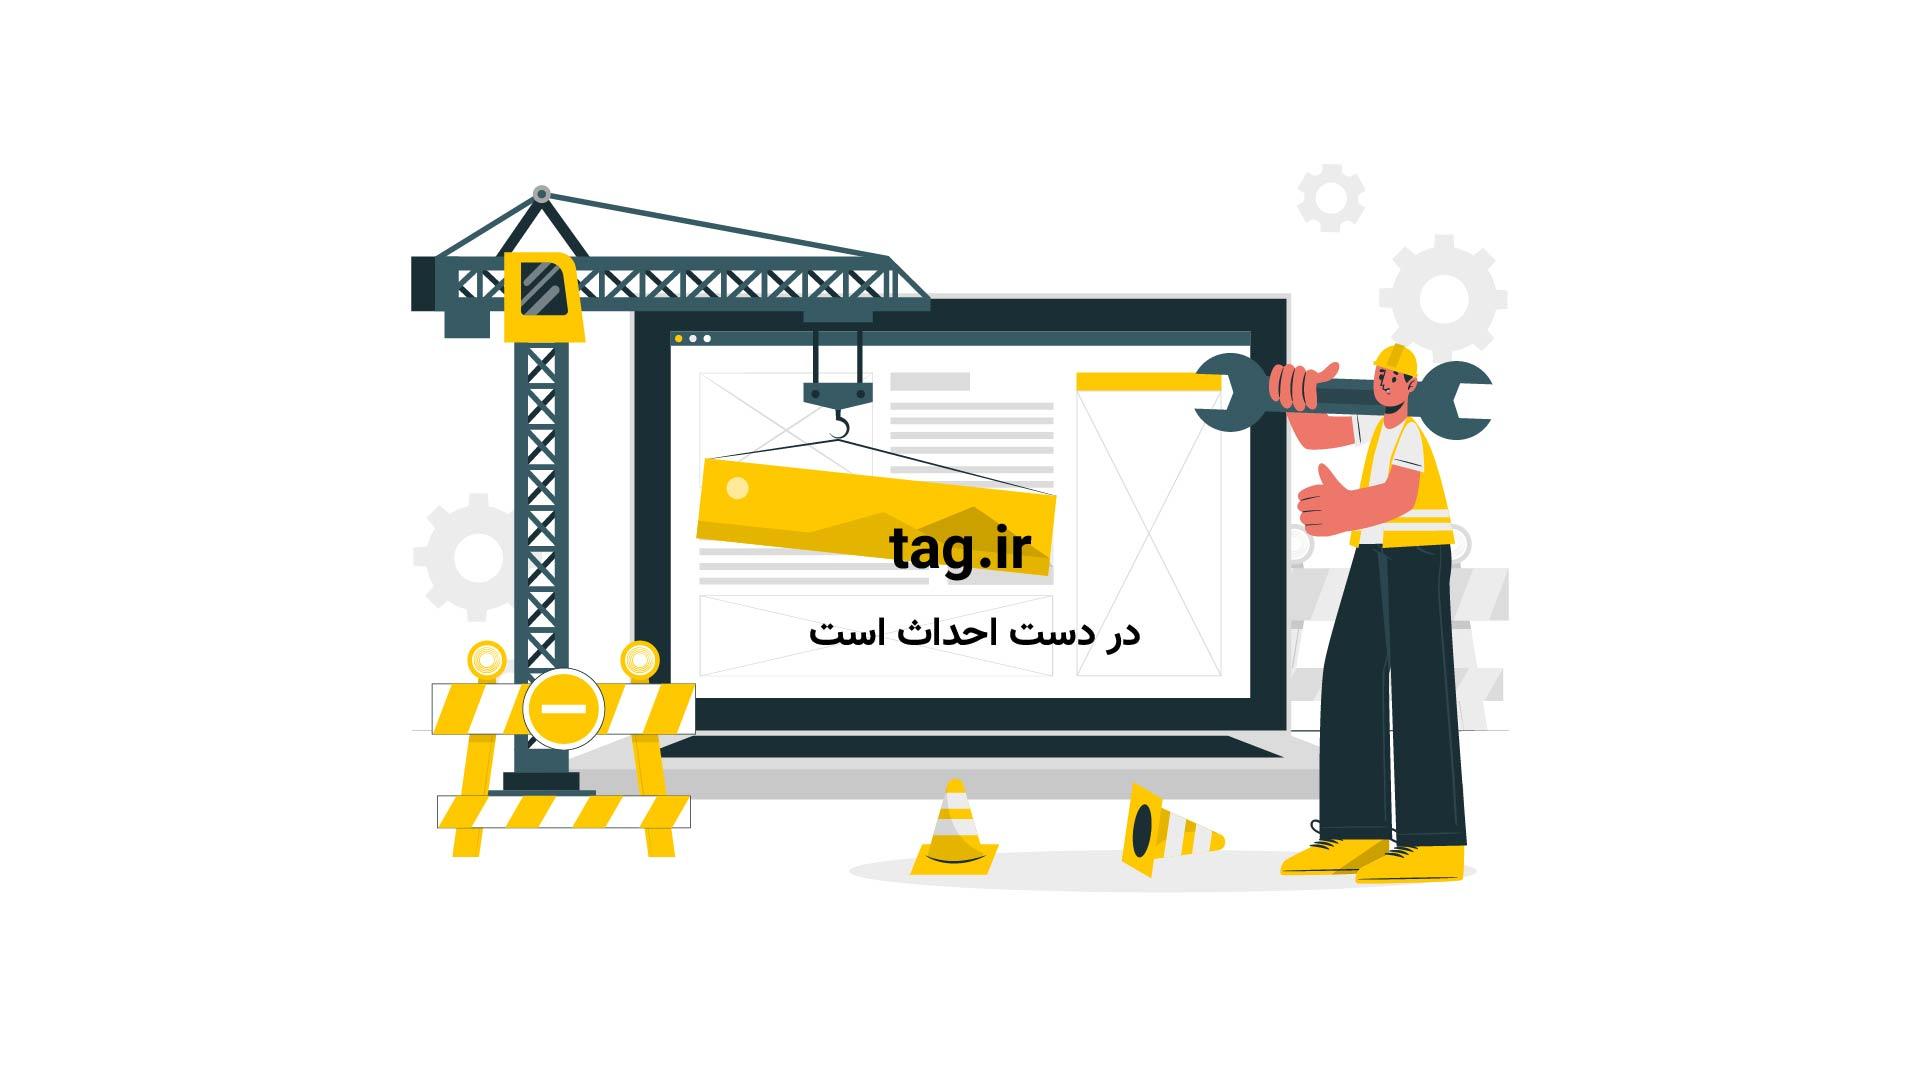 وزيران خزانه دارى و اقتصاد دونالد ترامپ معرفى شدند | فیلم